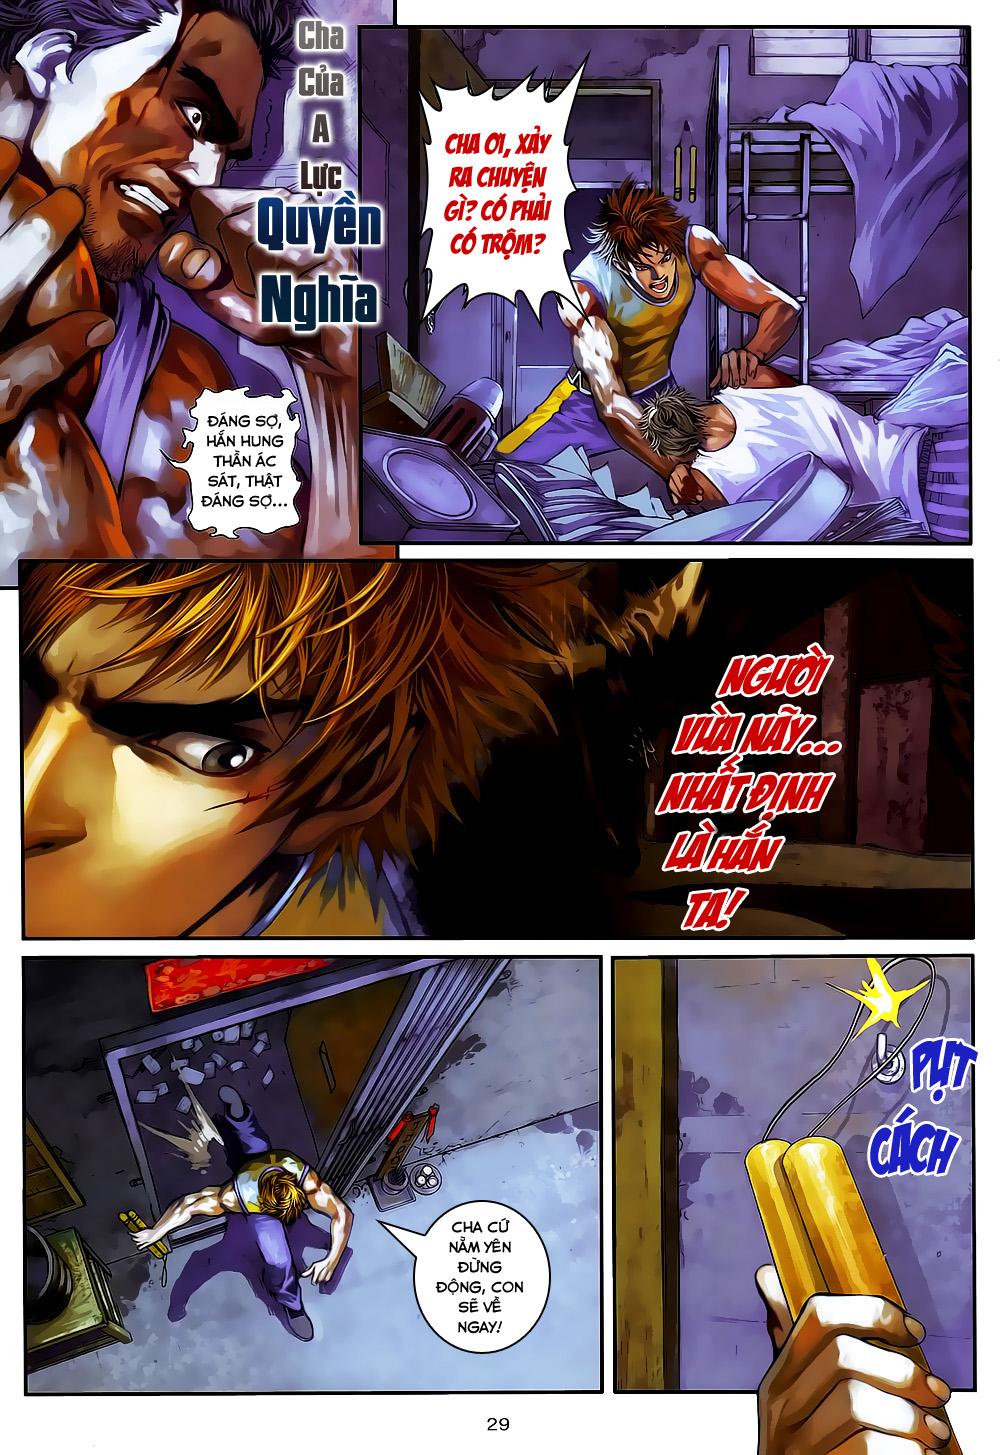 Quyền Đạo chapter 4 trang 29